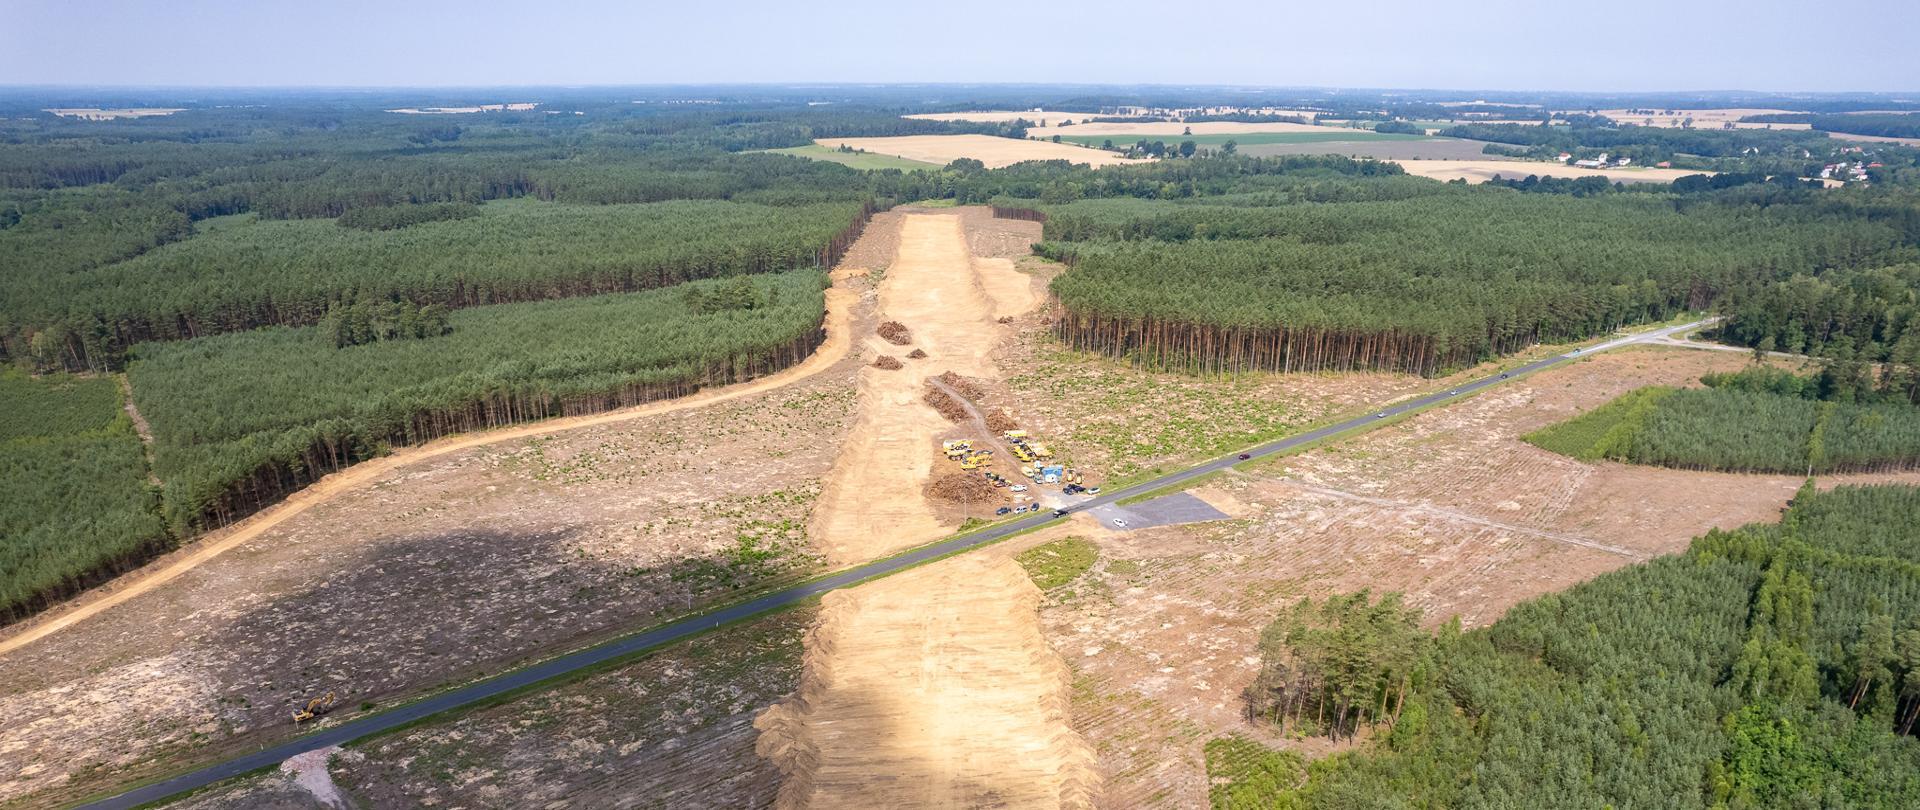 Odhumusowanie terenu na budowie S11 Koszalin - Zegrze